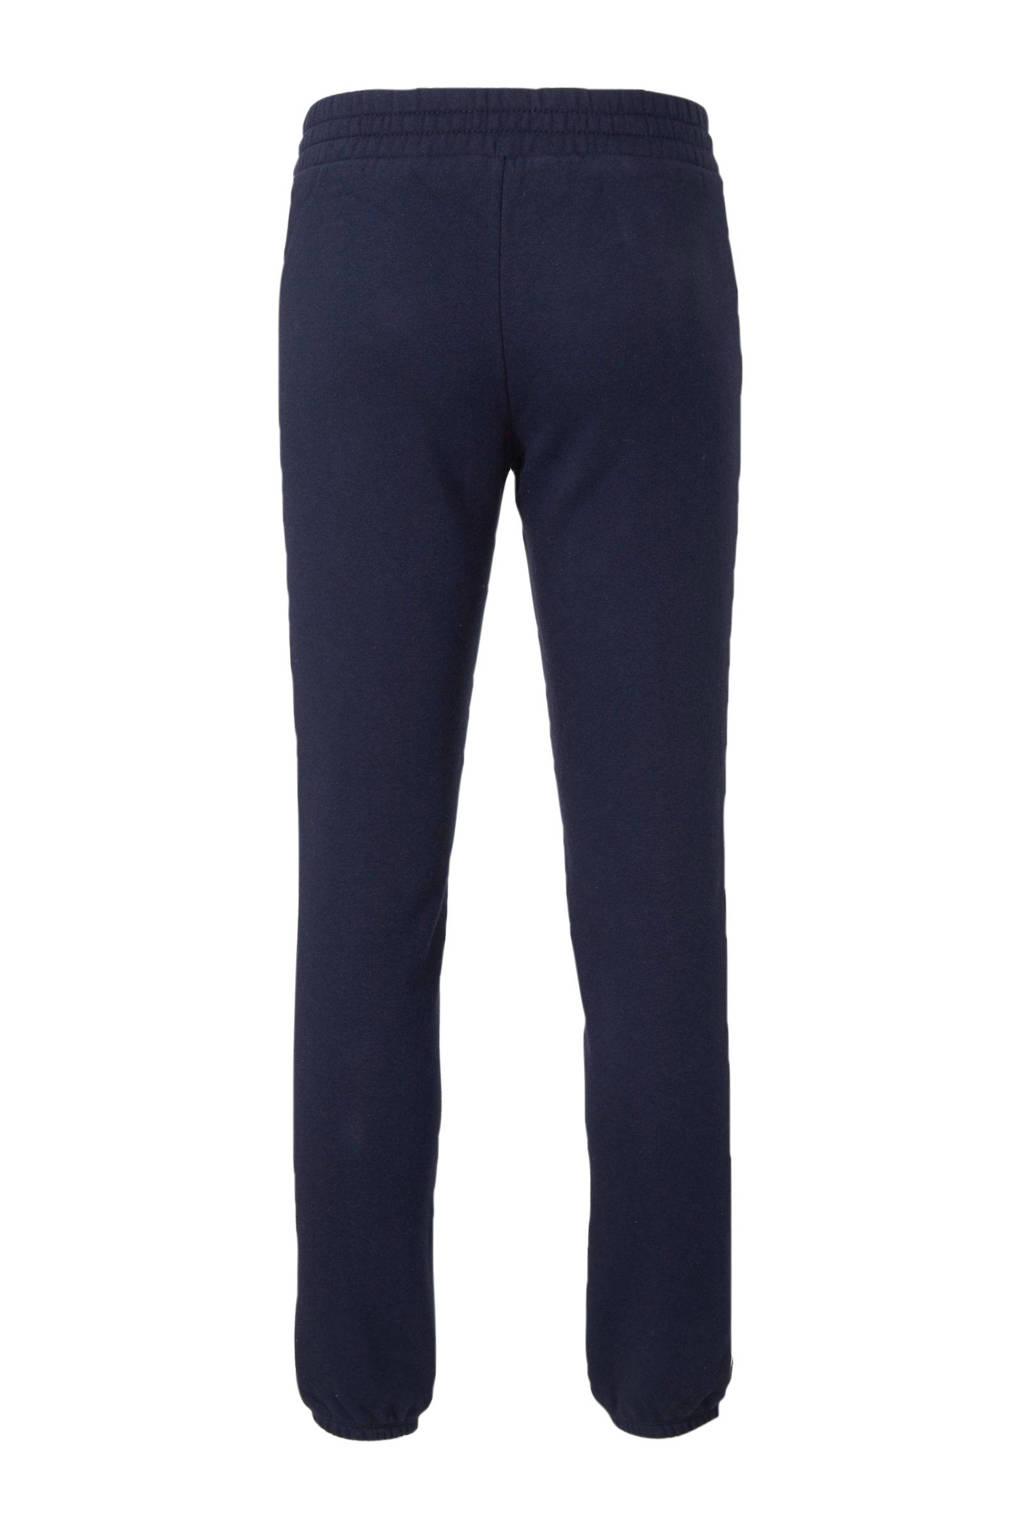 GAP skinny joggingbroek met zijstreep donkerblauw, Donkerblauw